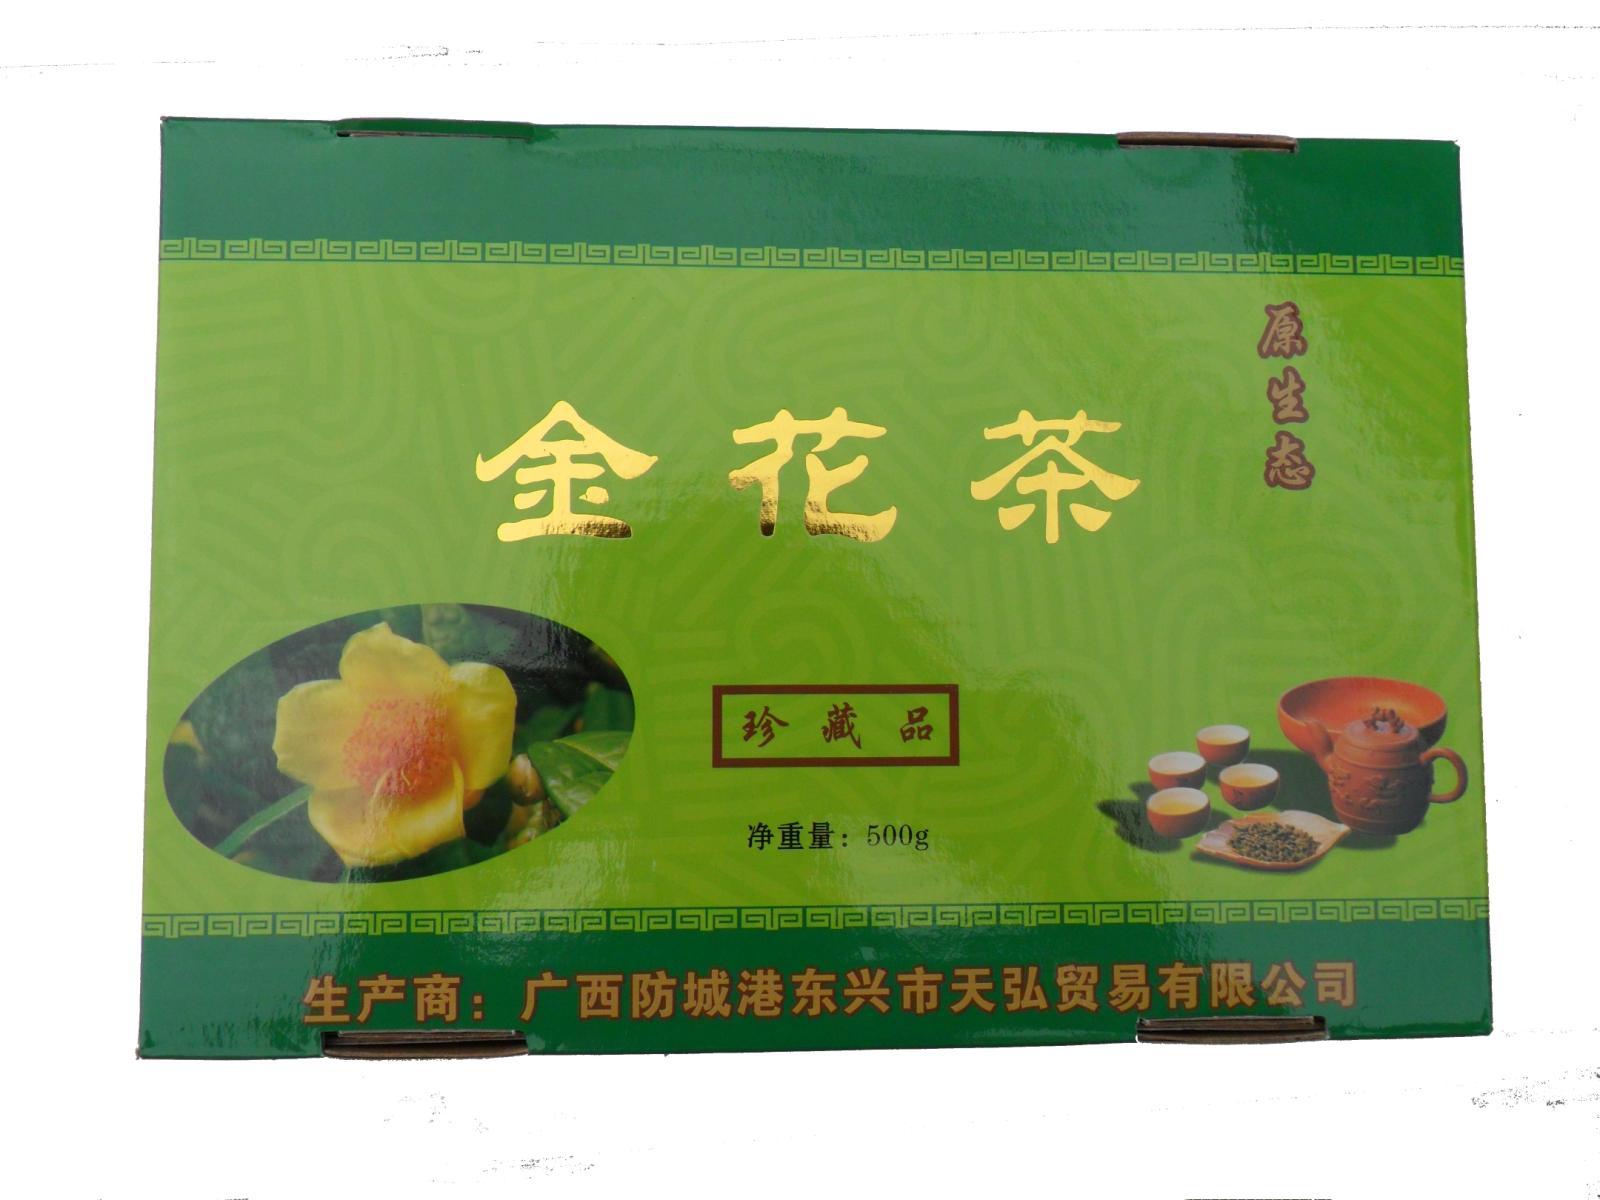 金花茶 [国宝]防城雪梅金花茶植物大熊猫